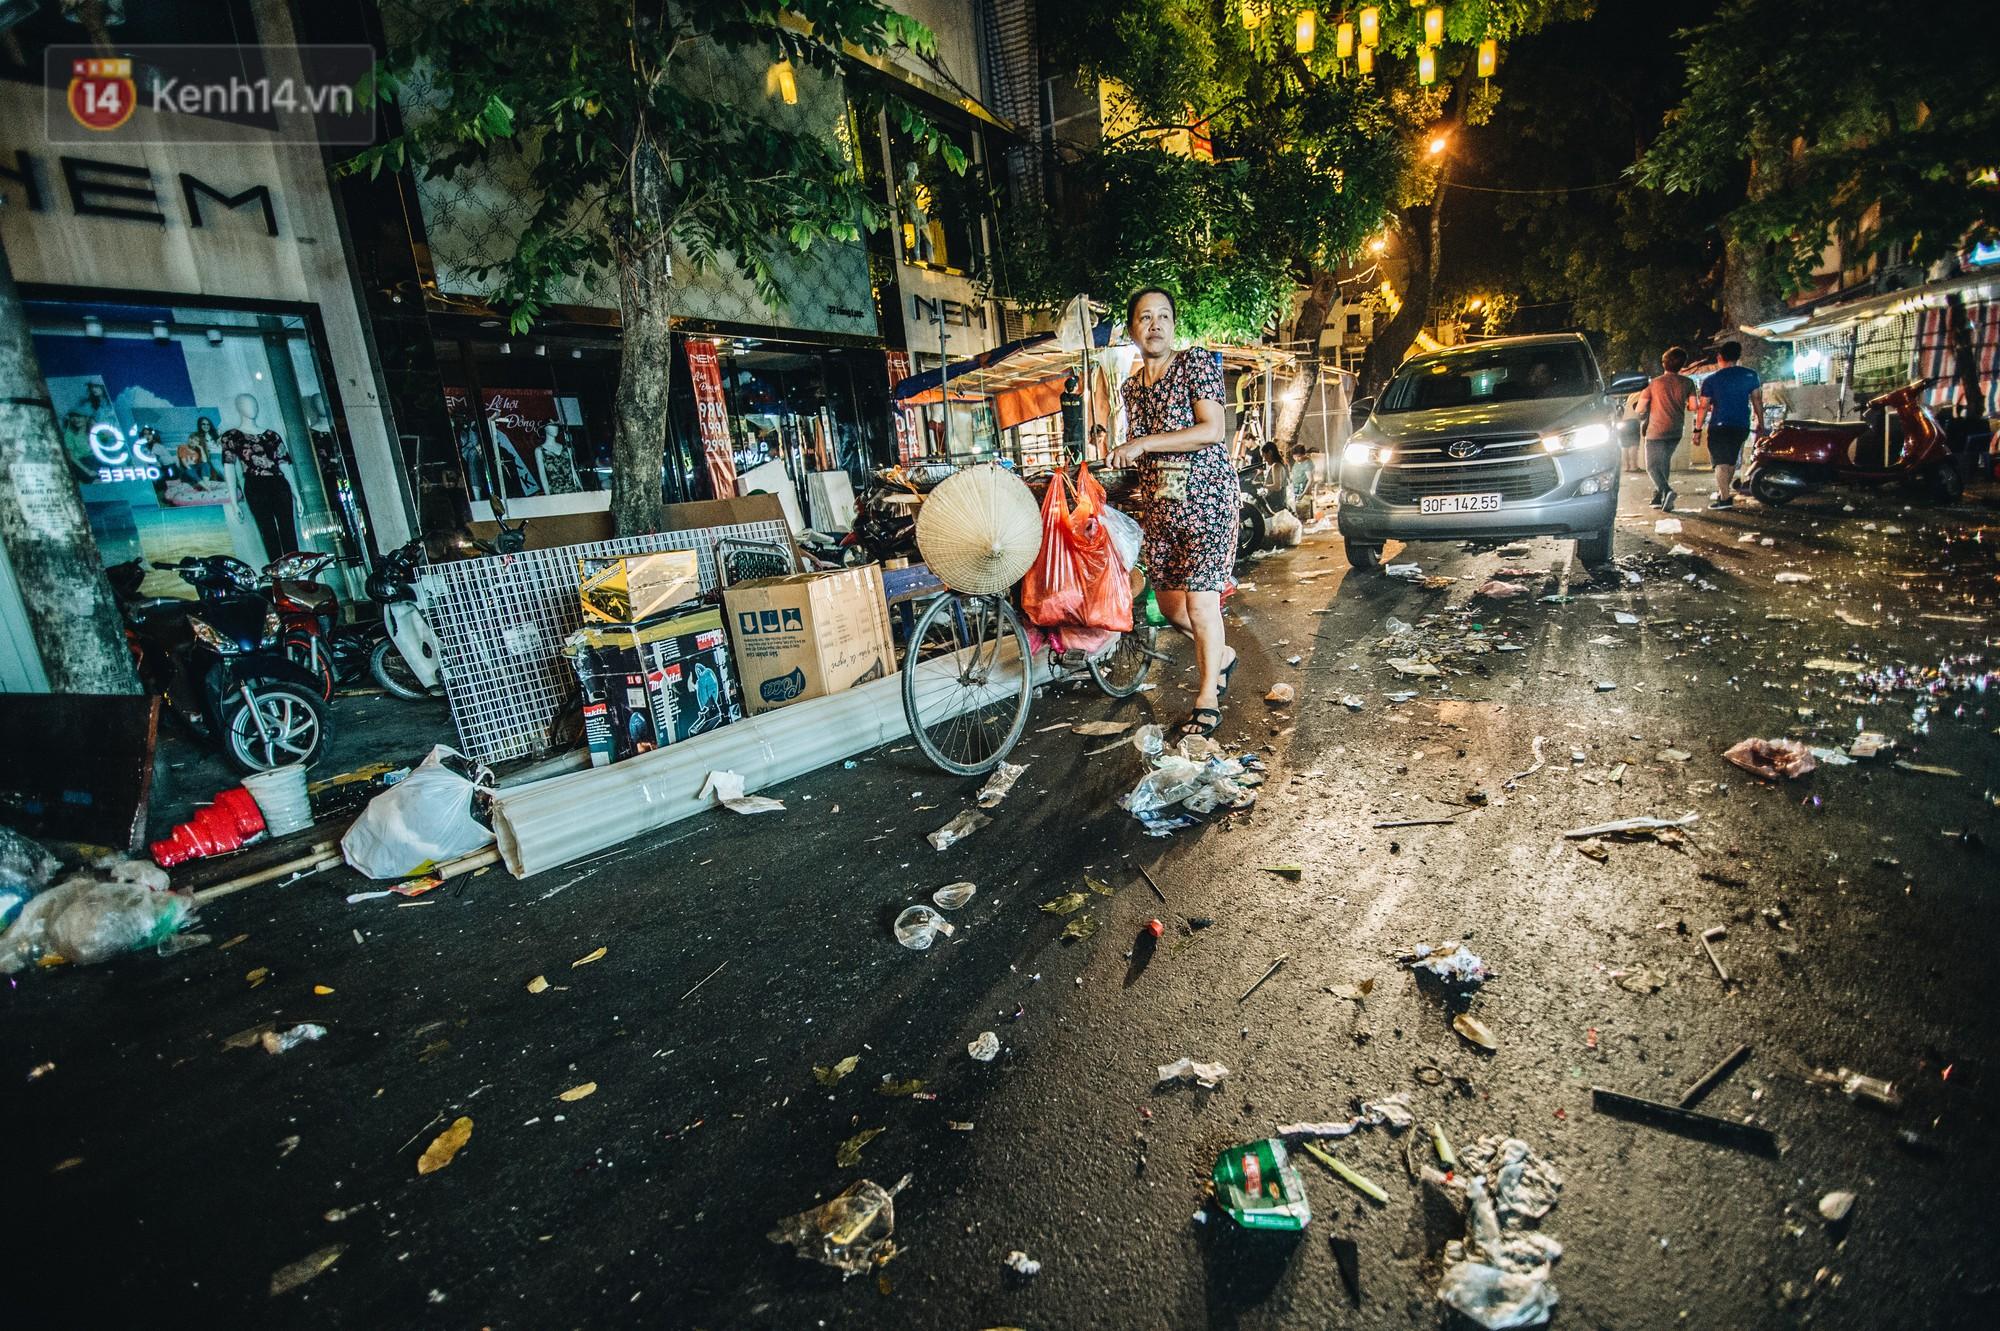 Sau Trung Thu, chợ truyền thống ở Hà nội ngập trong rác thải - Ảnh 4.